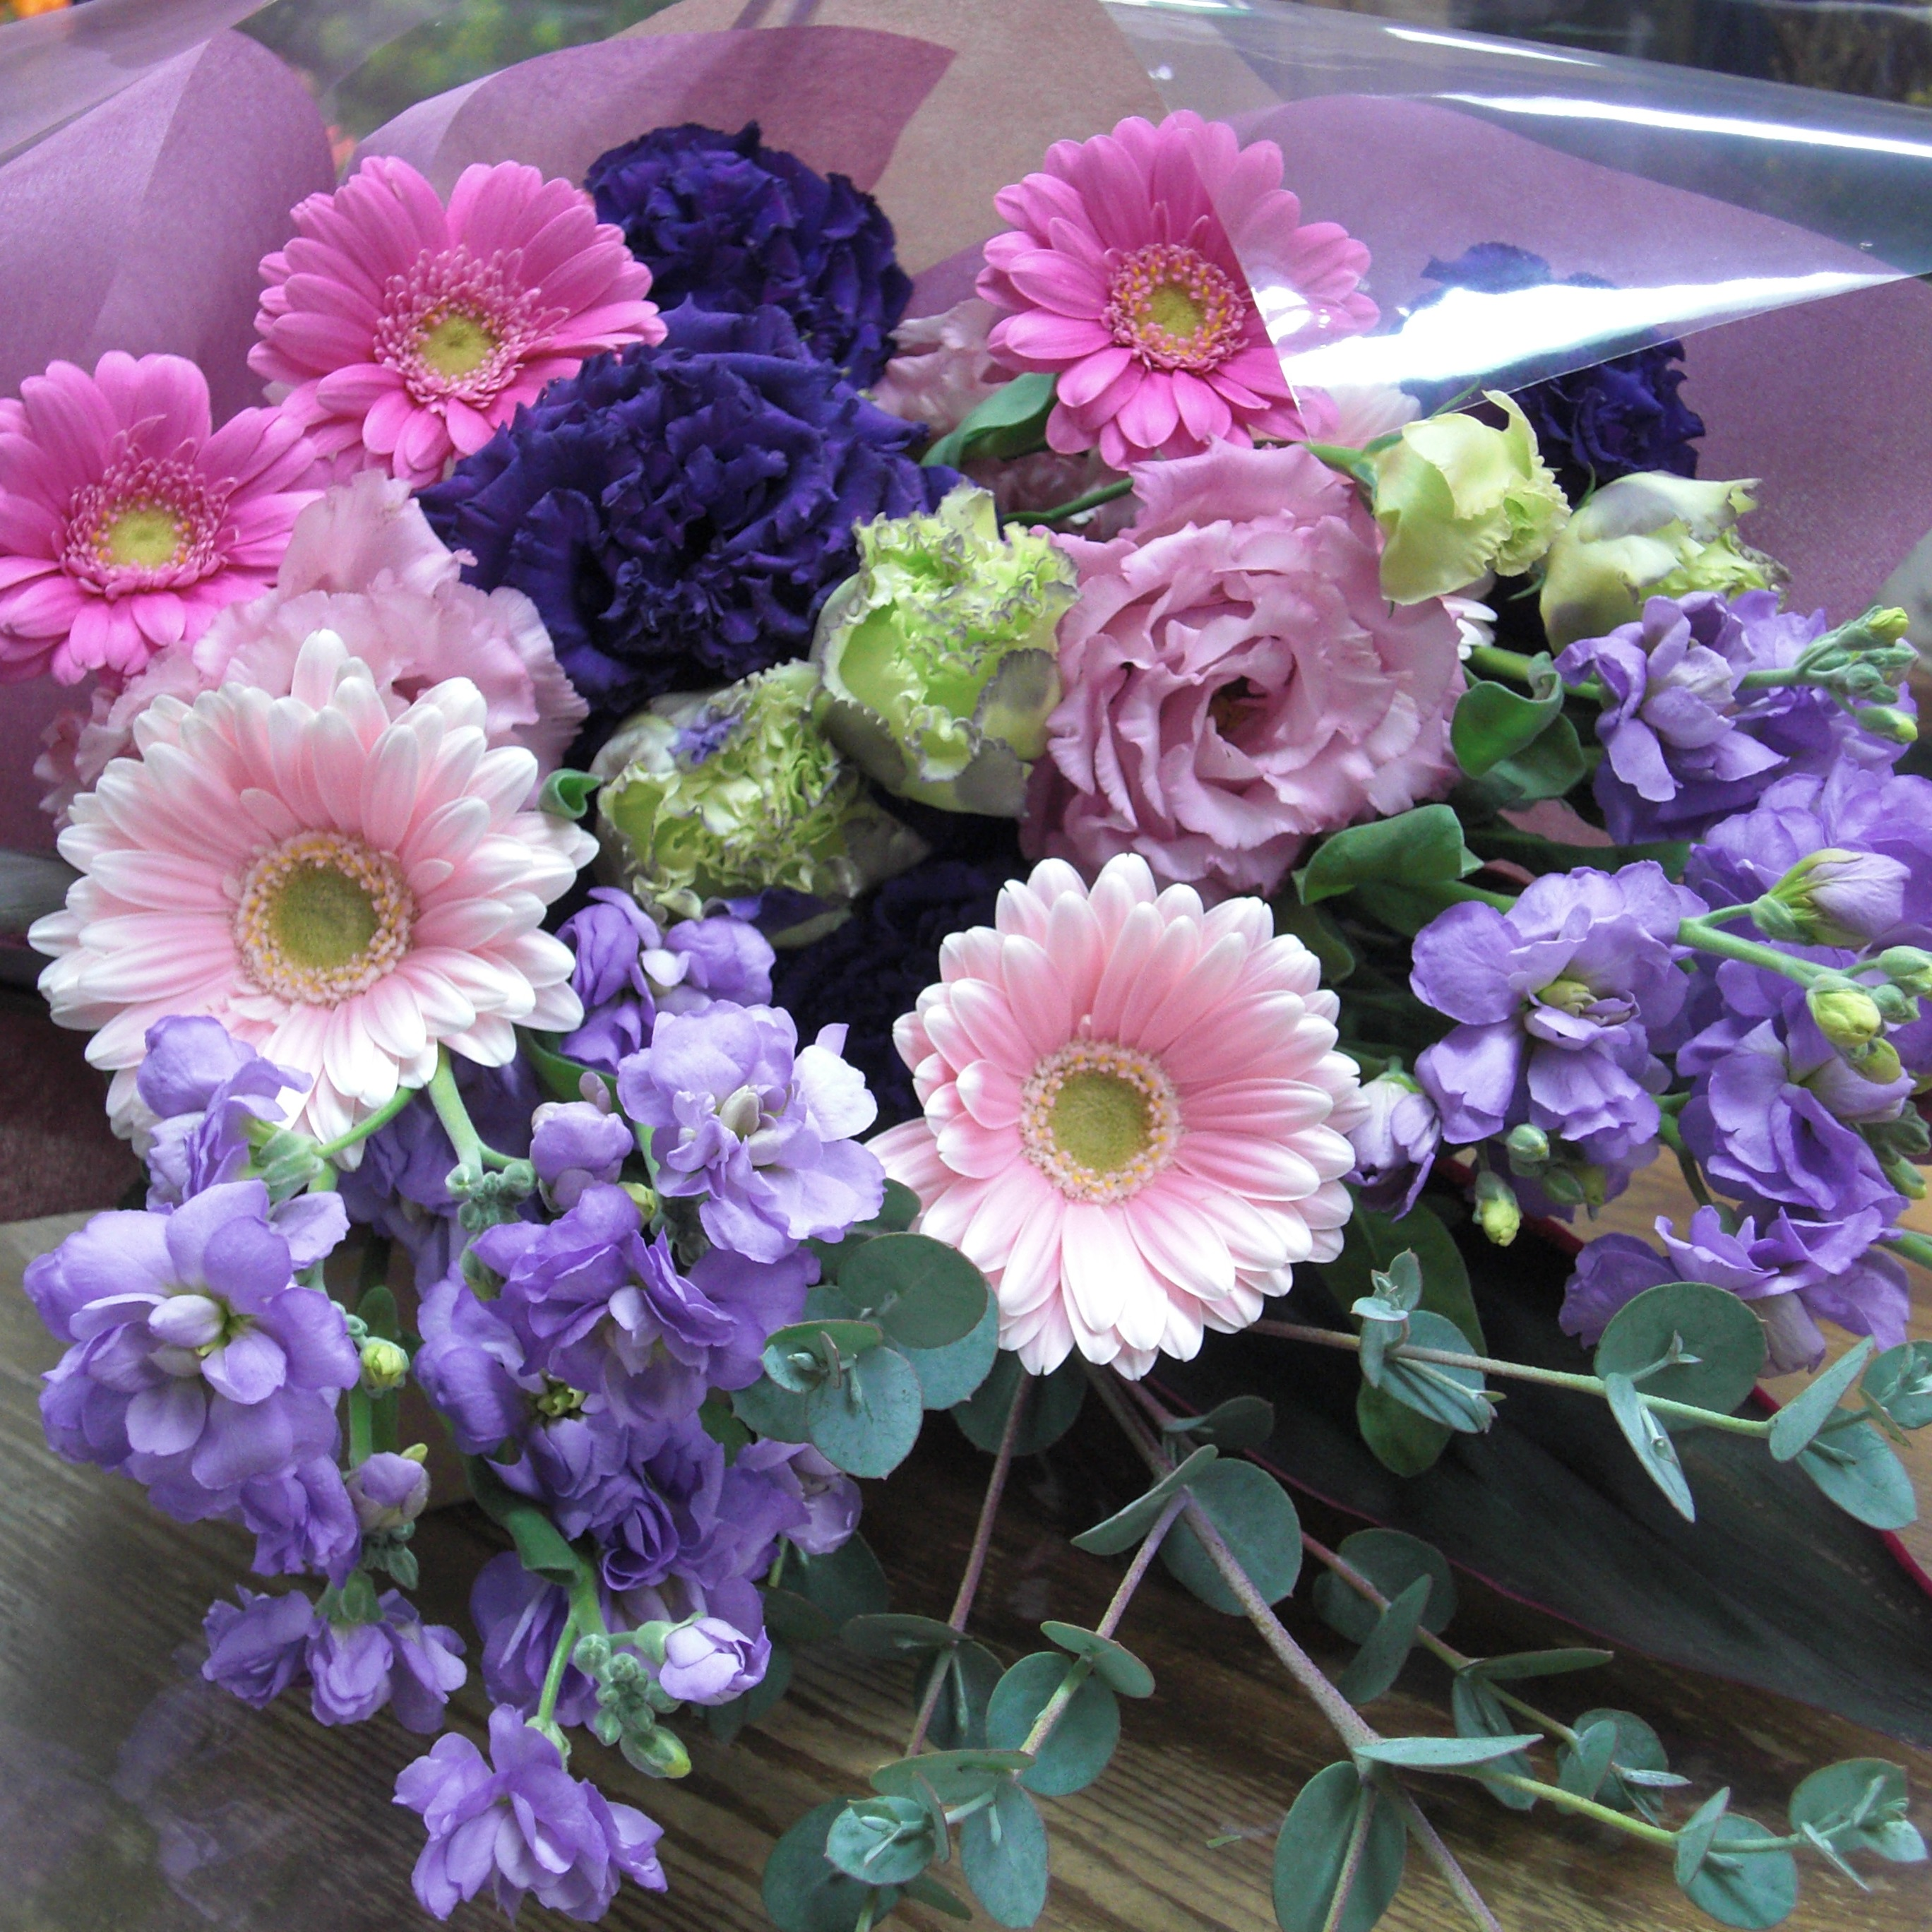 2色のガーベラを使って可愛く仕上げた花束